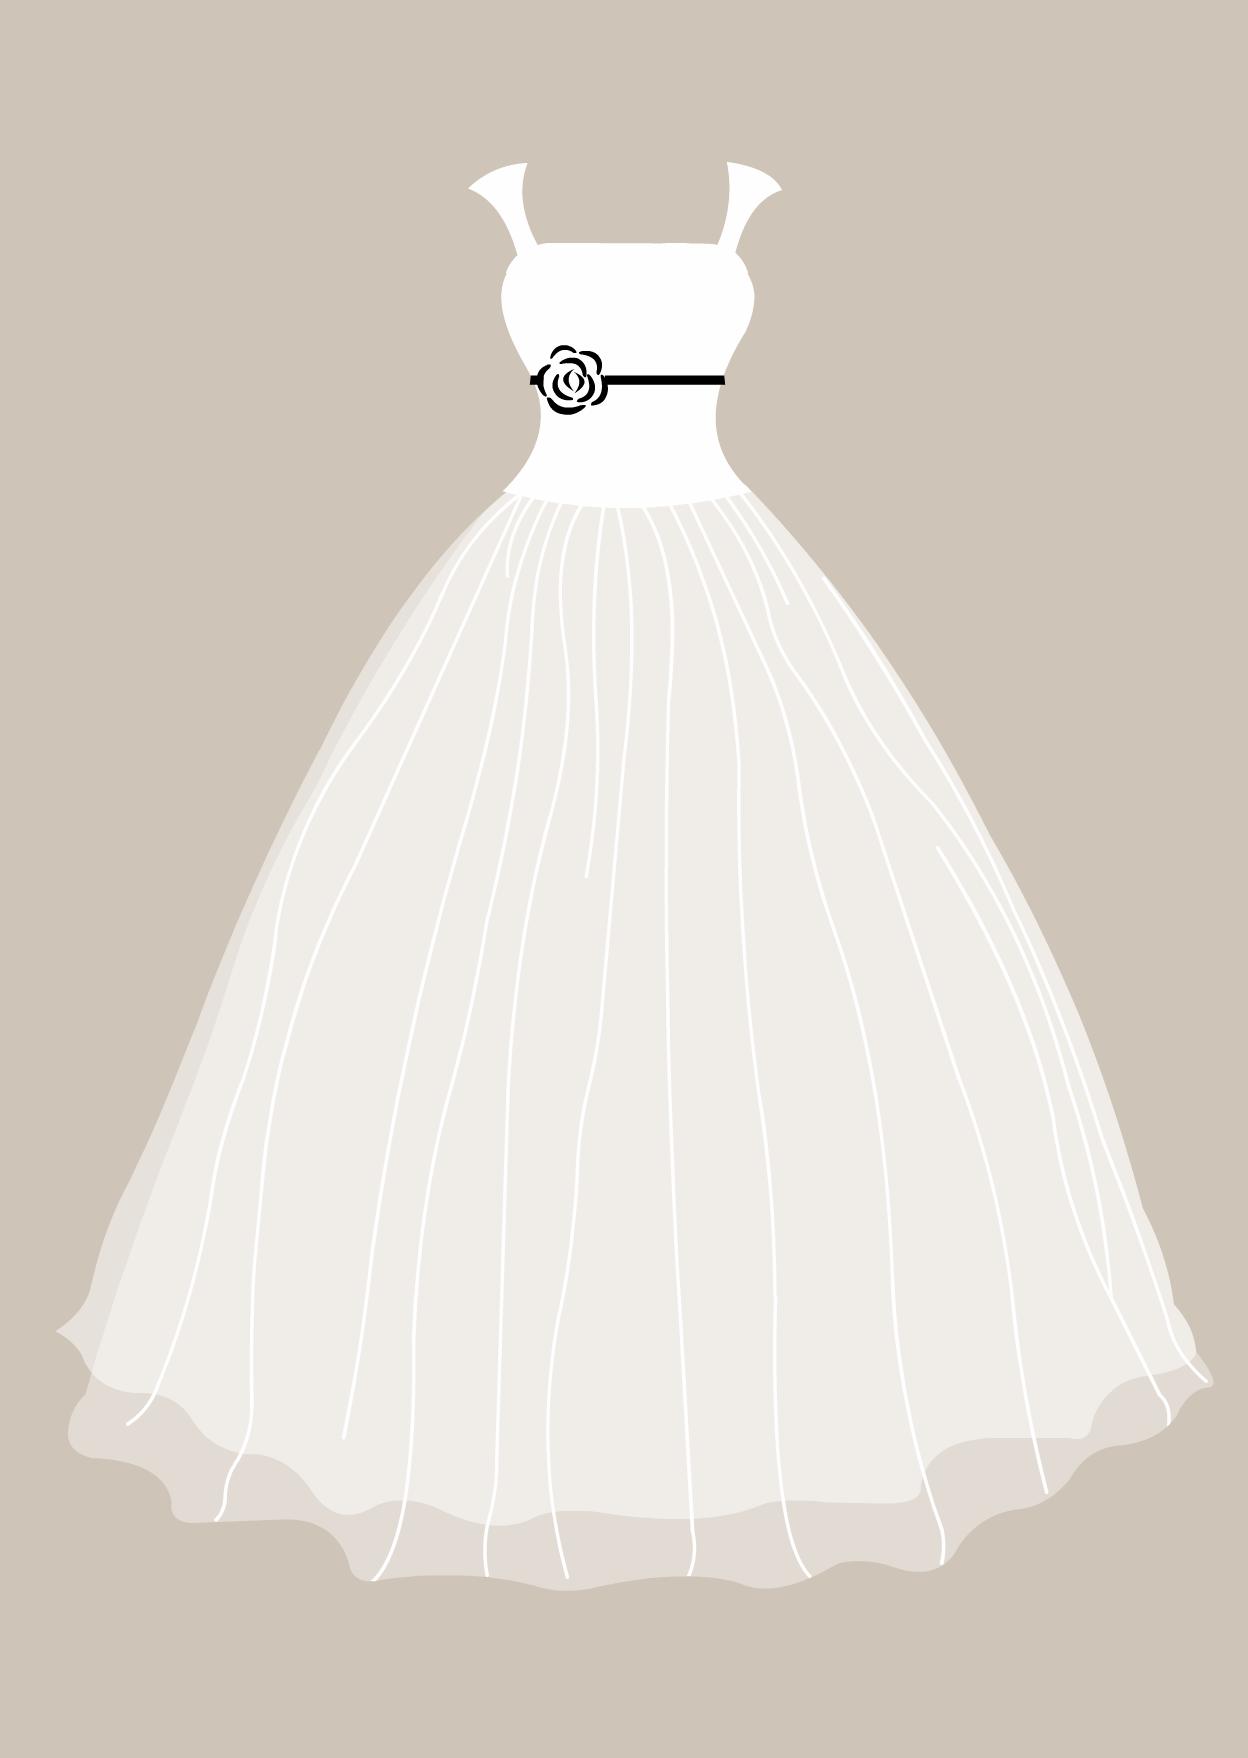 Free download clip art. Bridal clipart wedding dress